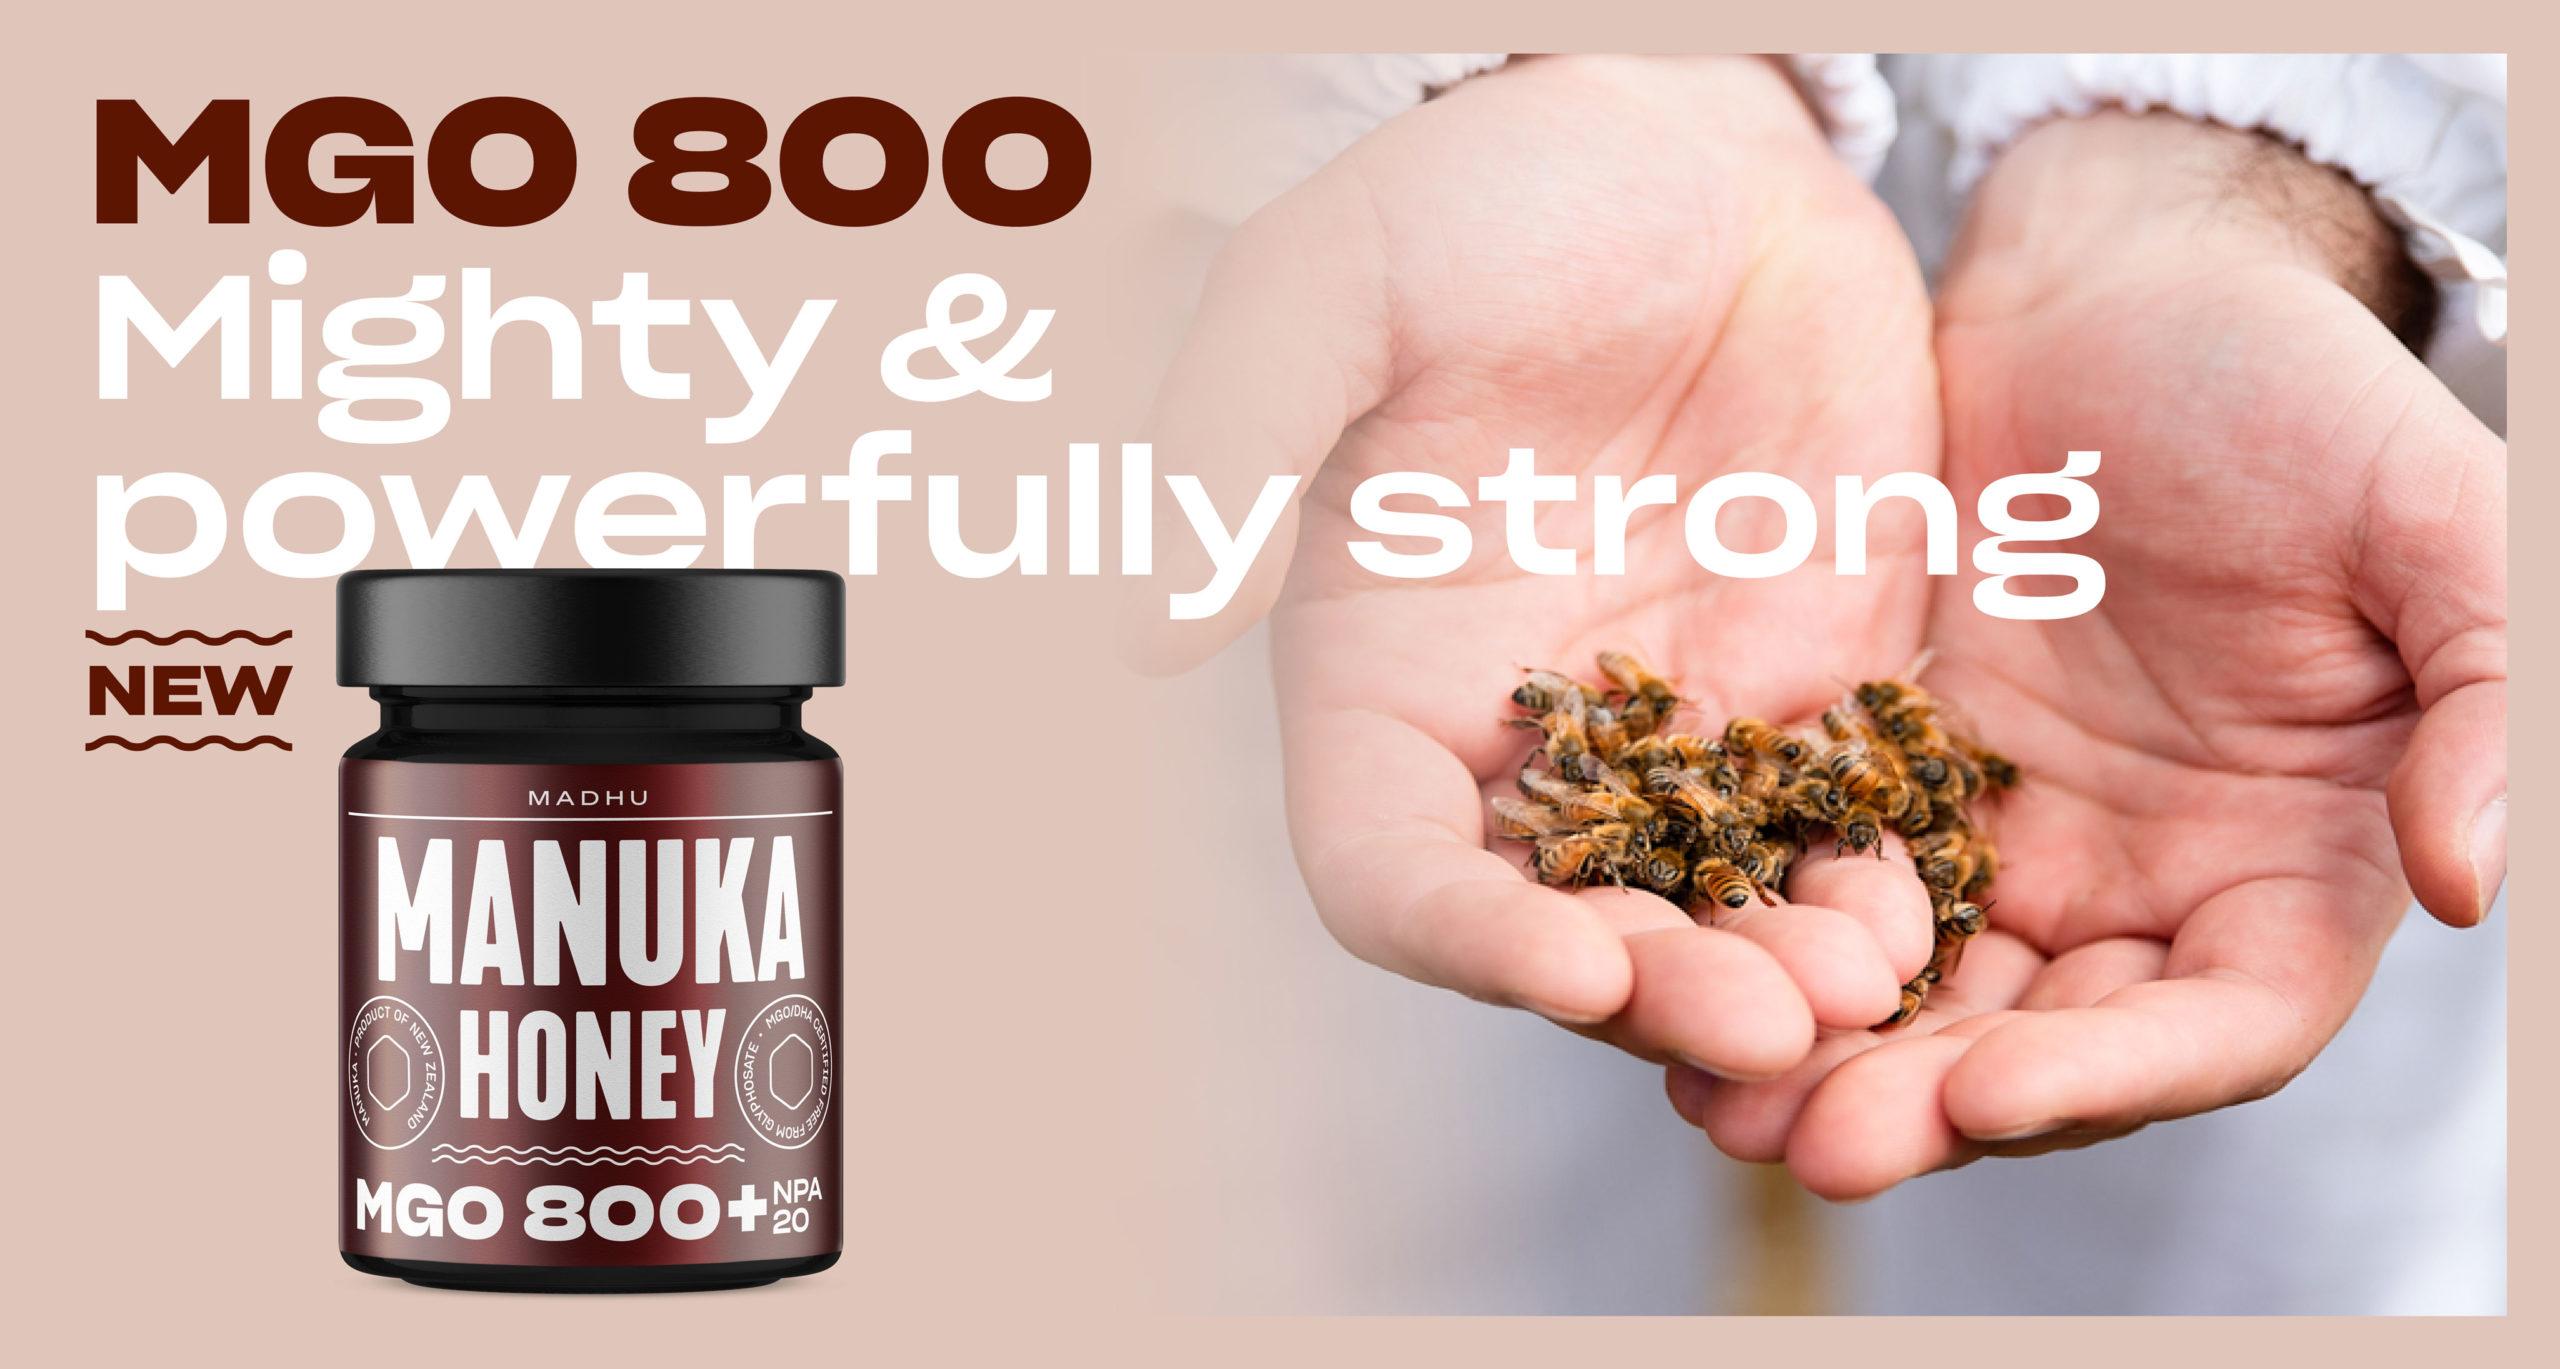 Manuka Honey MGO 800